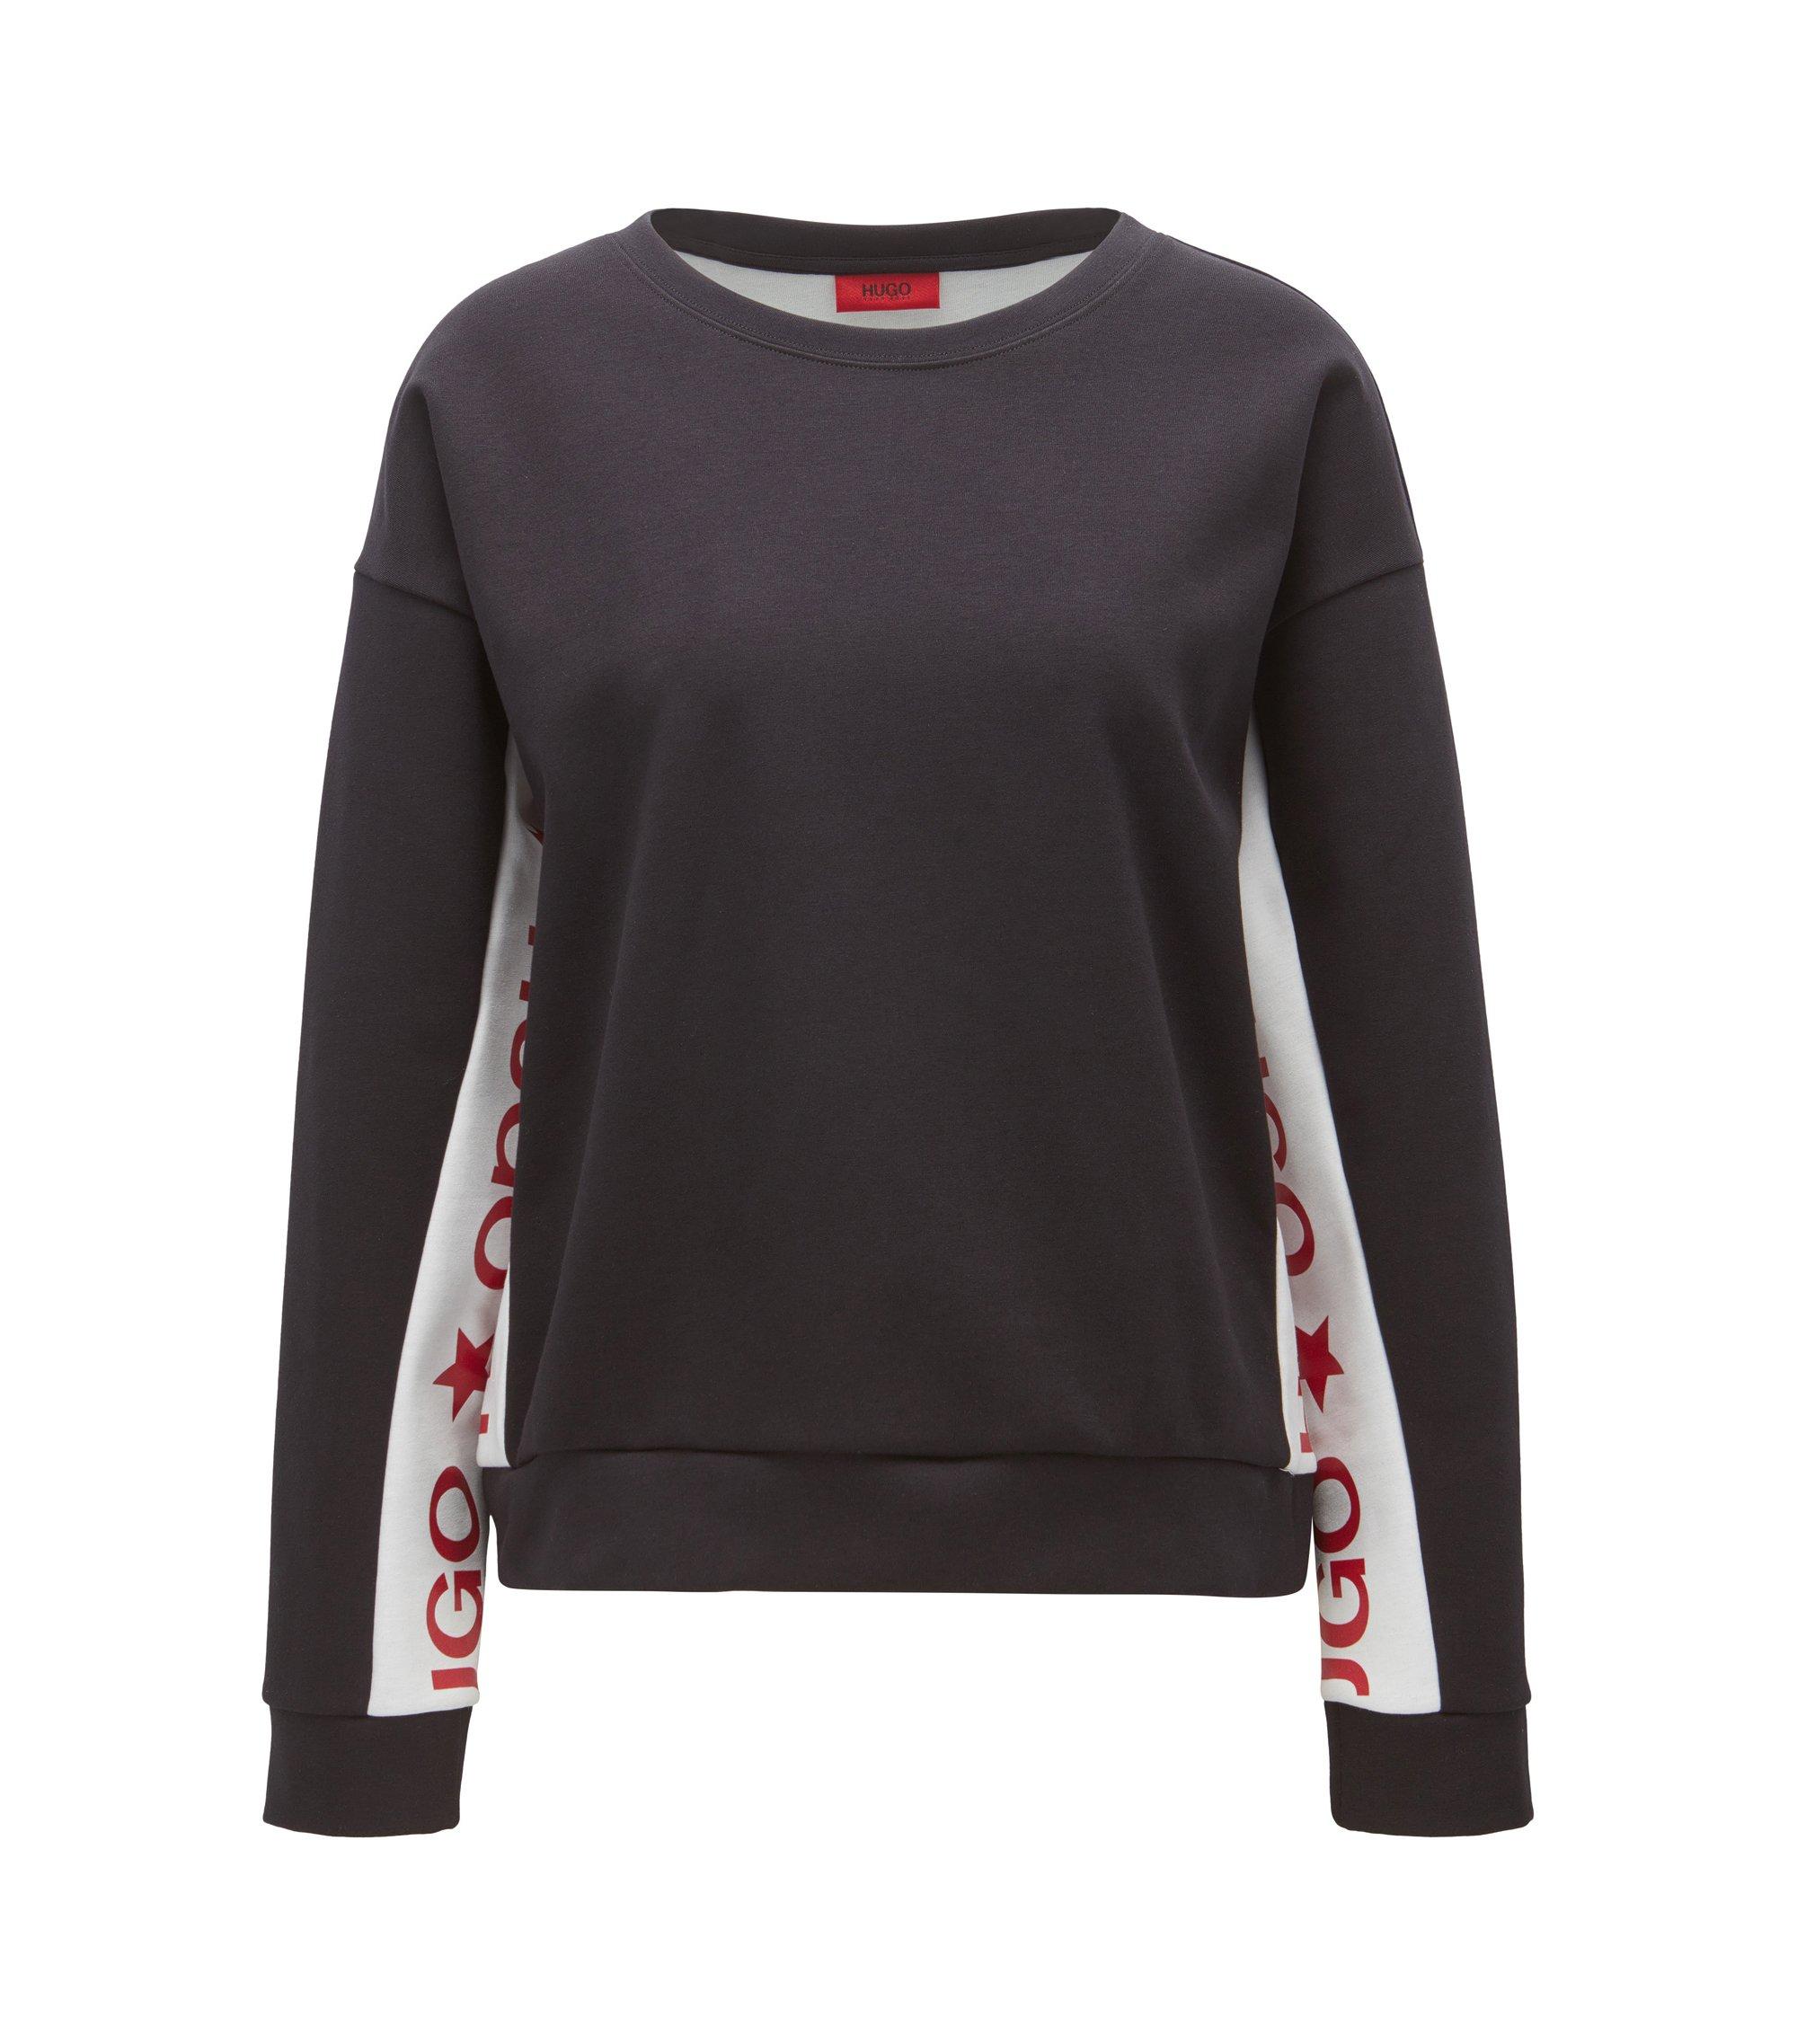 Maglione in misto cotone con inserti a contrasto, A disegni